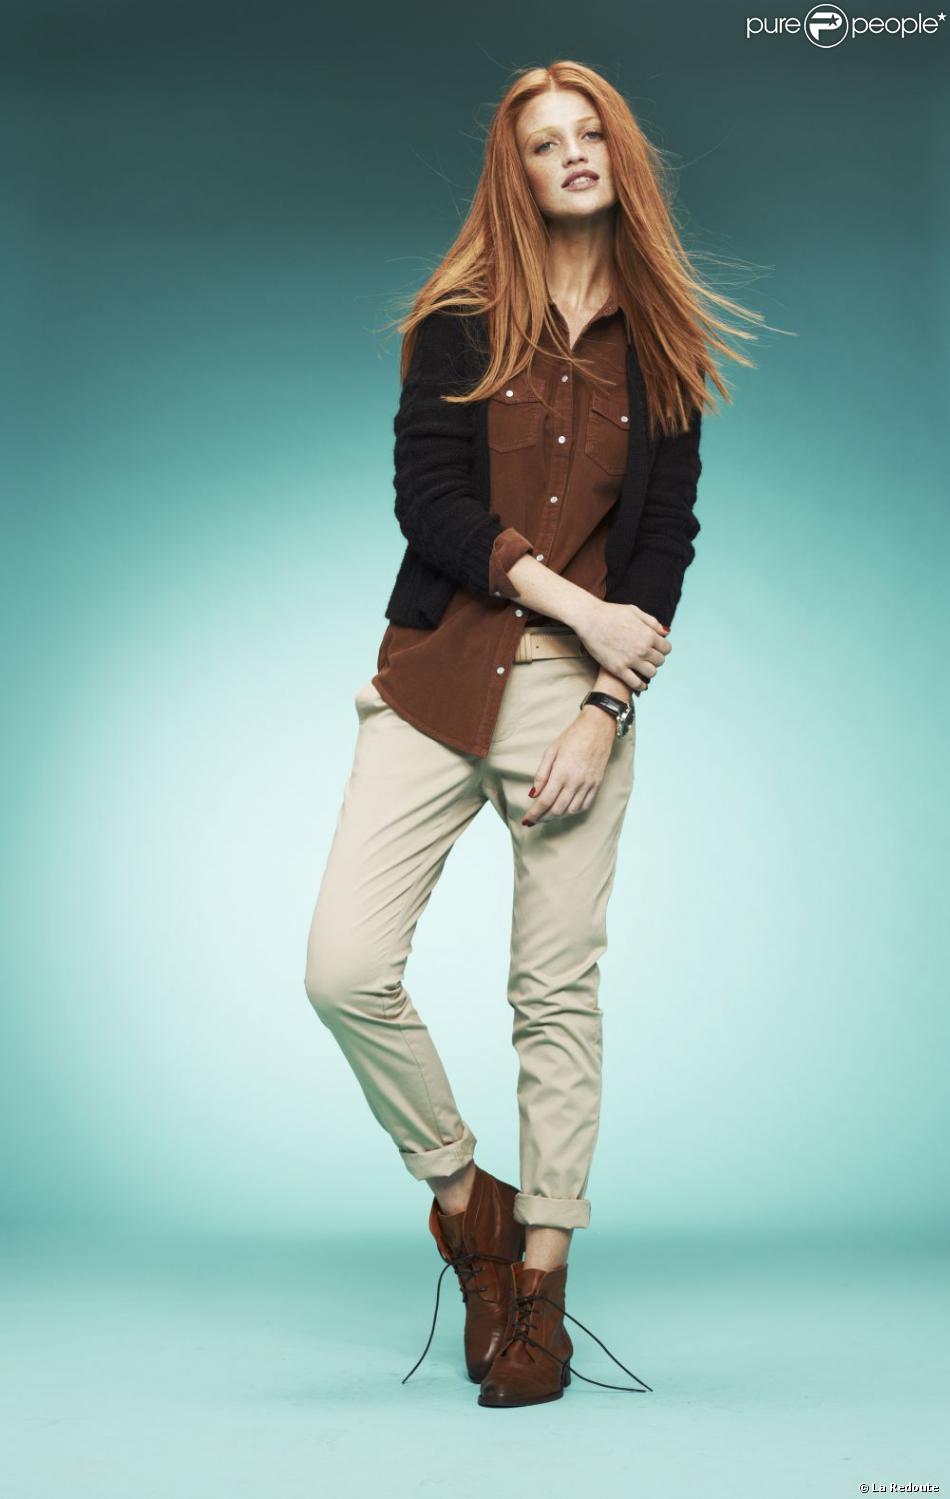 Look boyish parfait pour l 39 hiver cardigan 29 99 euros chemise 24 99 euros et pantalon beige - Couvrir arbuste pour l hiver ...